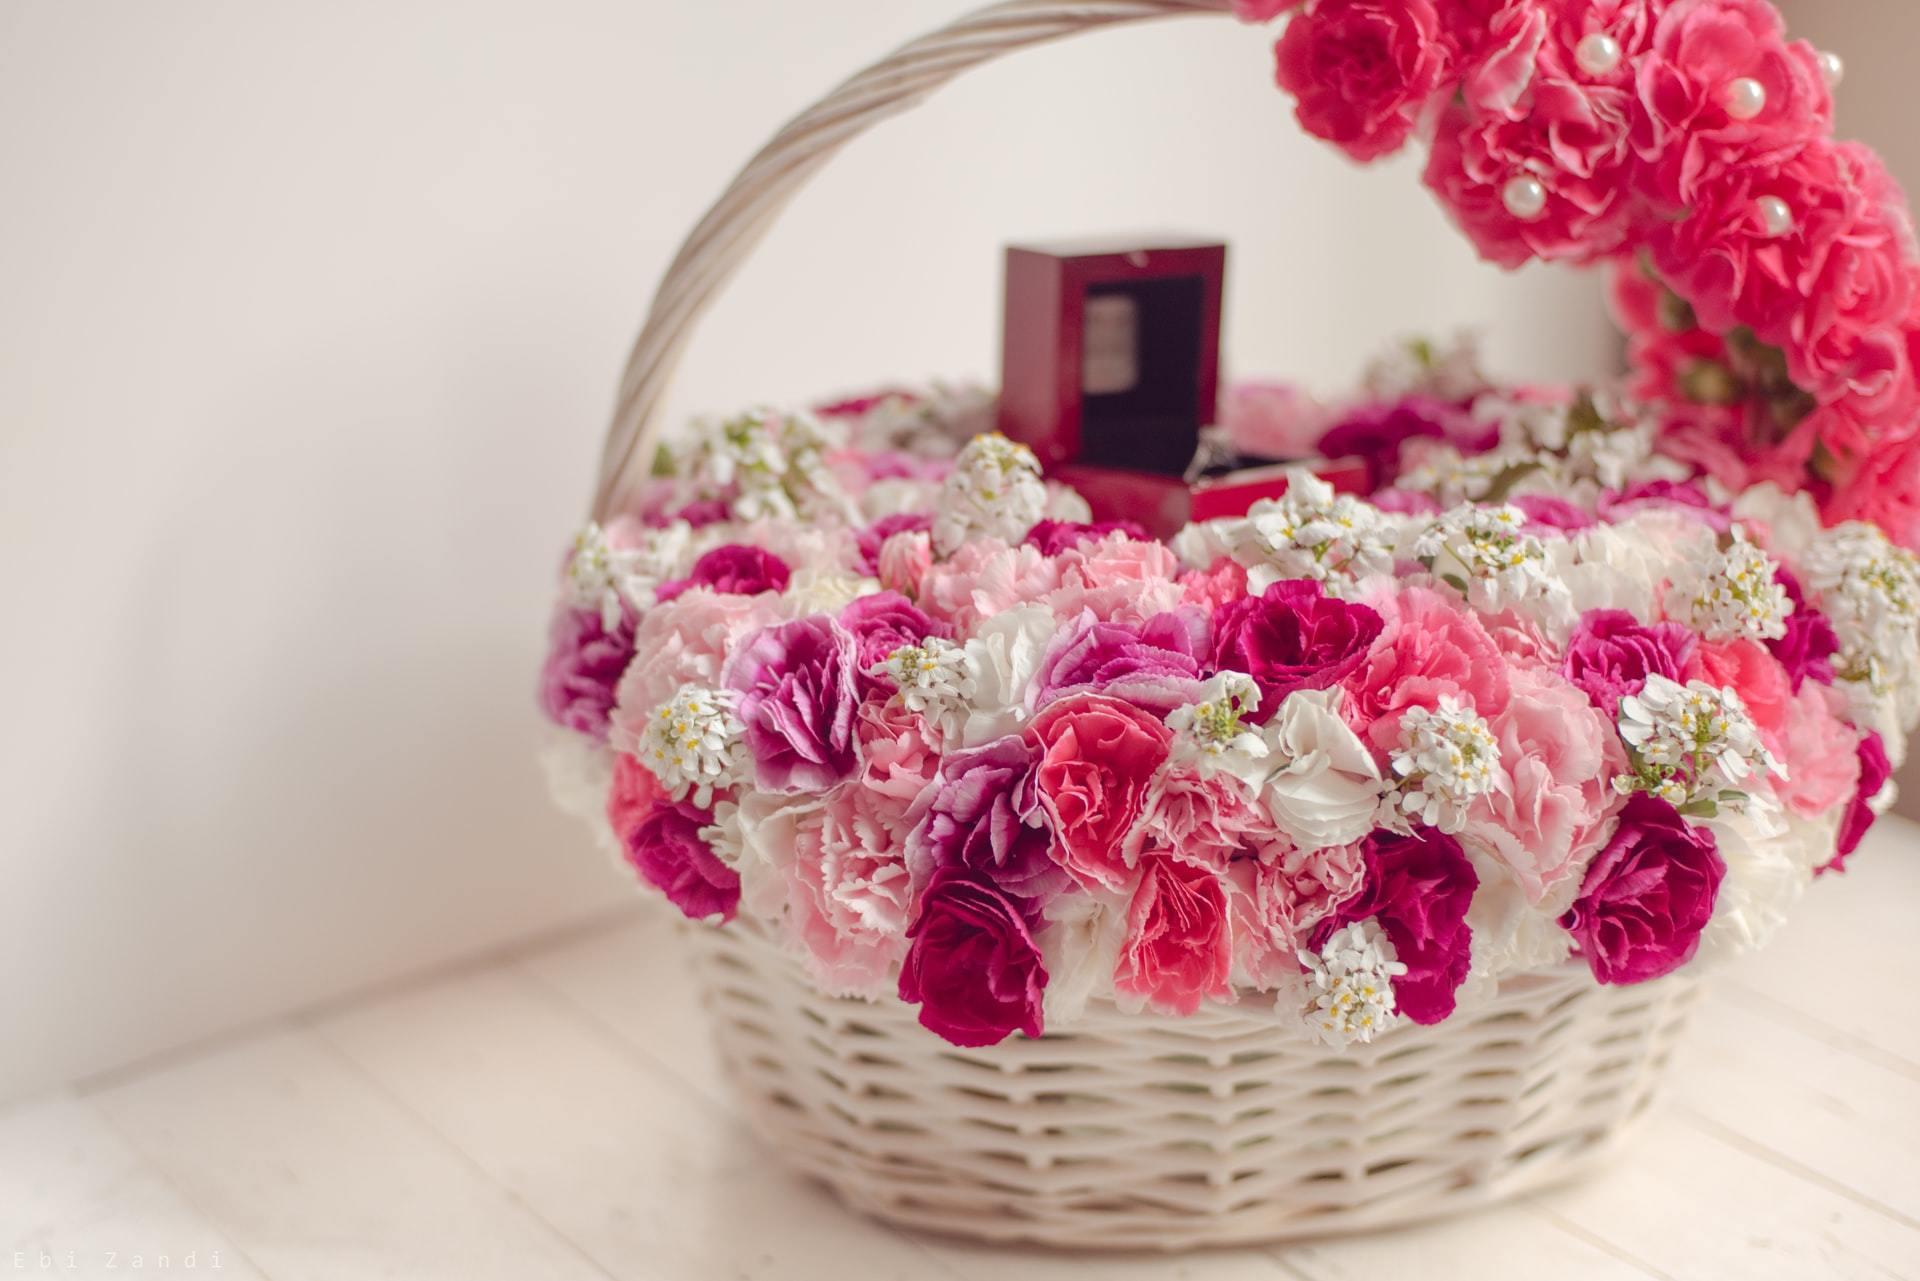 花が敷き詰められた籠に入った指輪